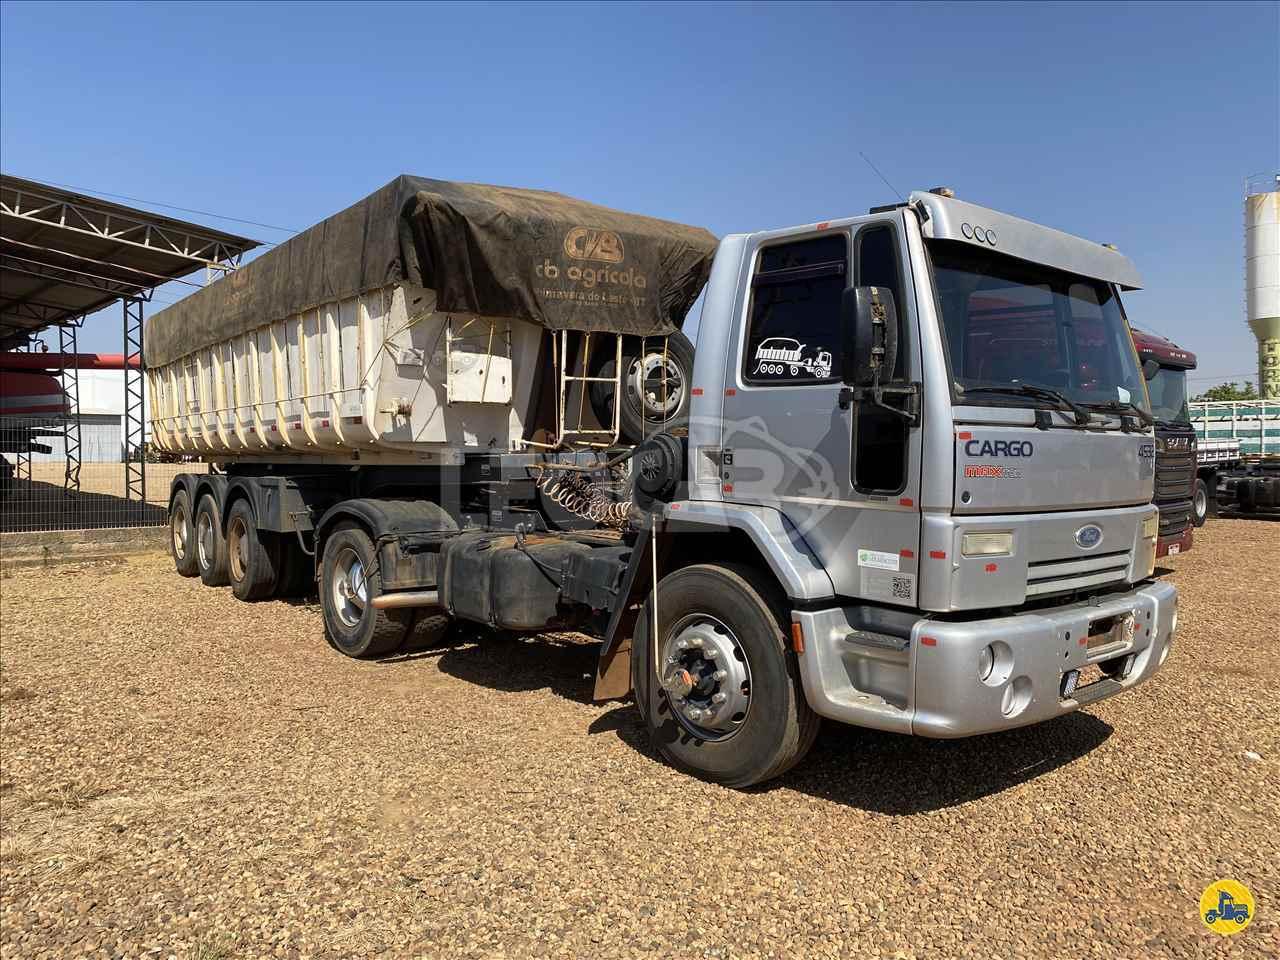 CAMINHAO FORD CARGO 4532 Caçamba Basculante Toco 4x2 Leocar Caminhões PRIMAVERA DO LESTE MATO GROSSO MT